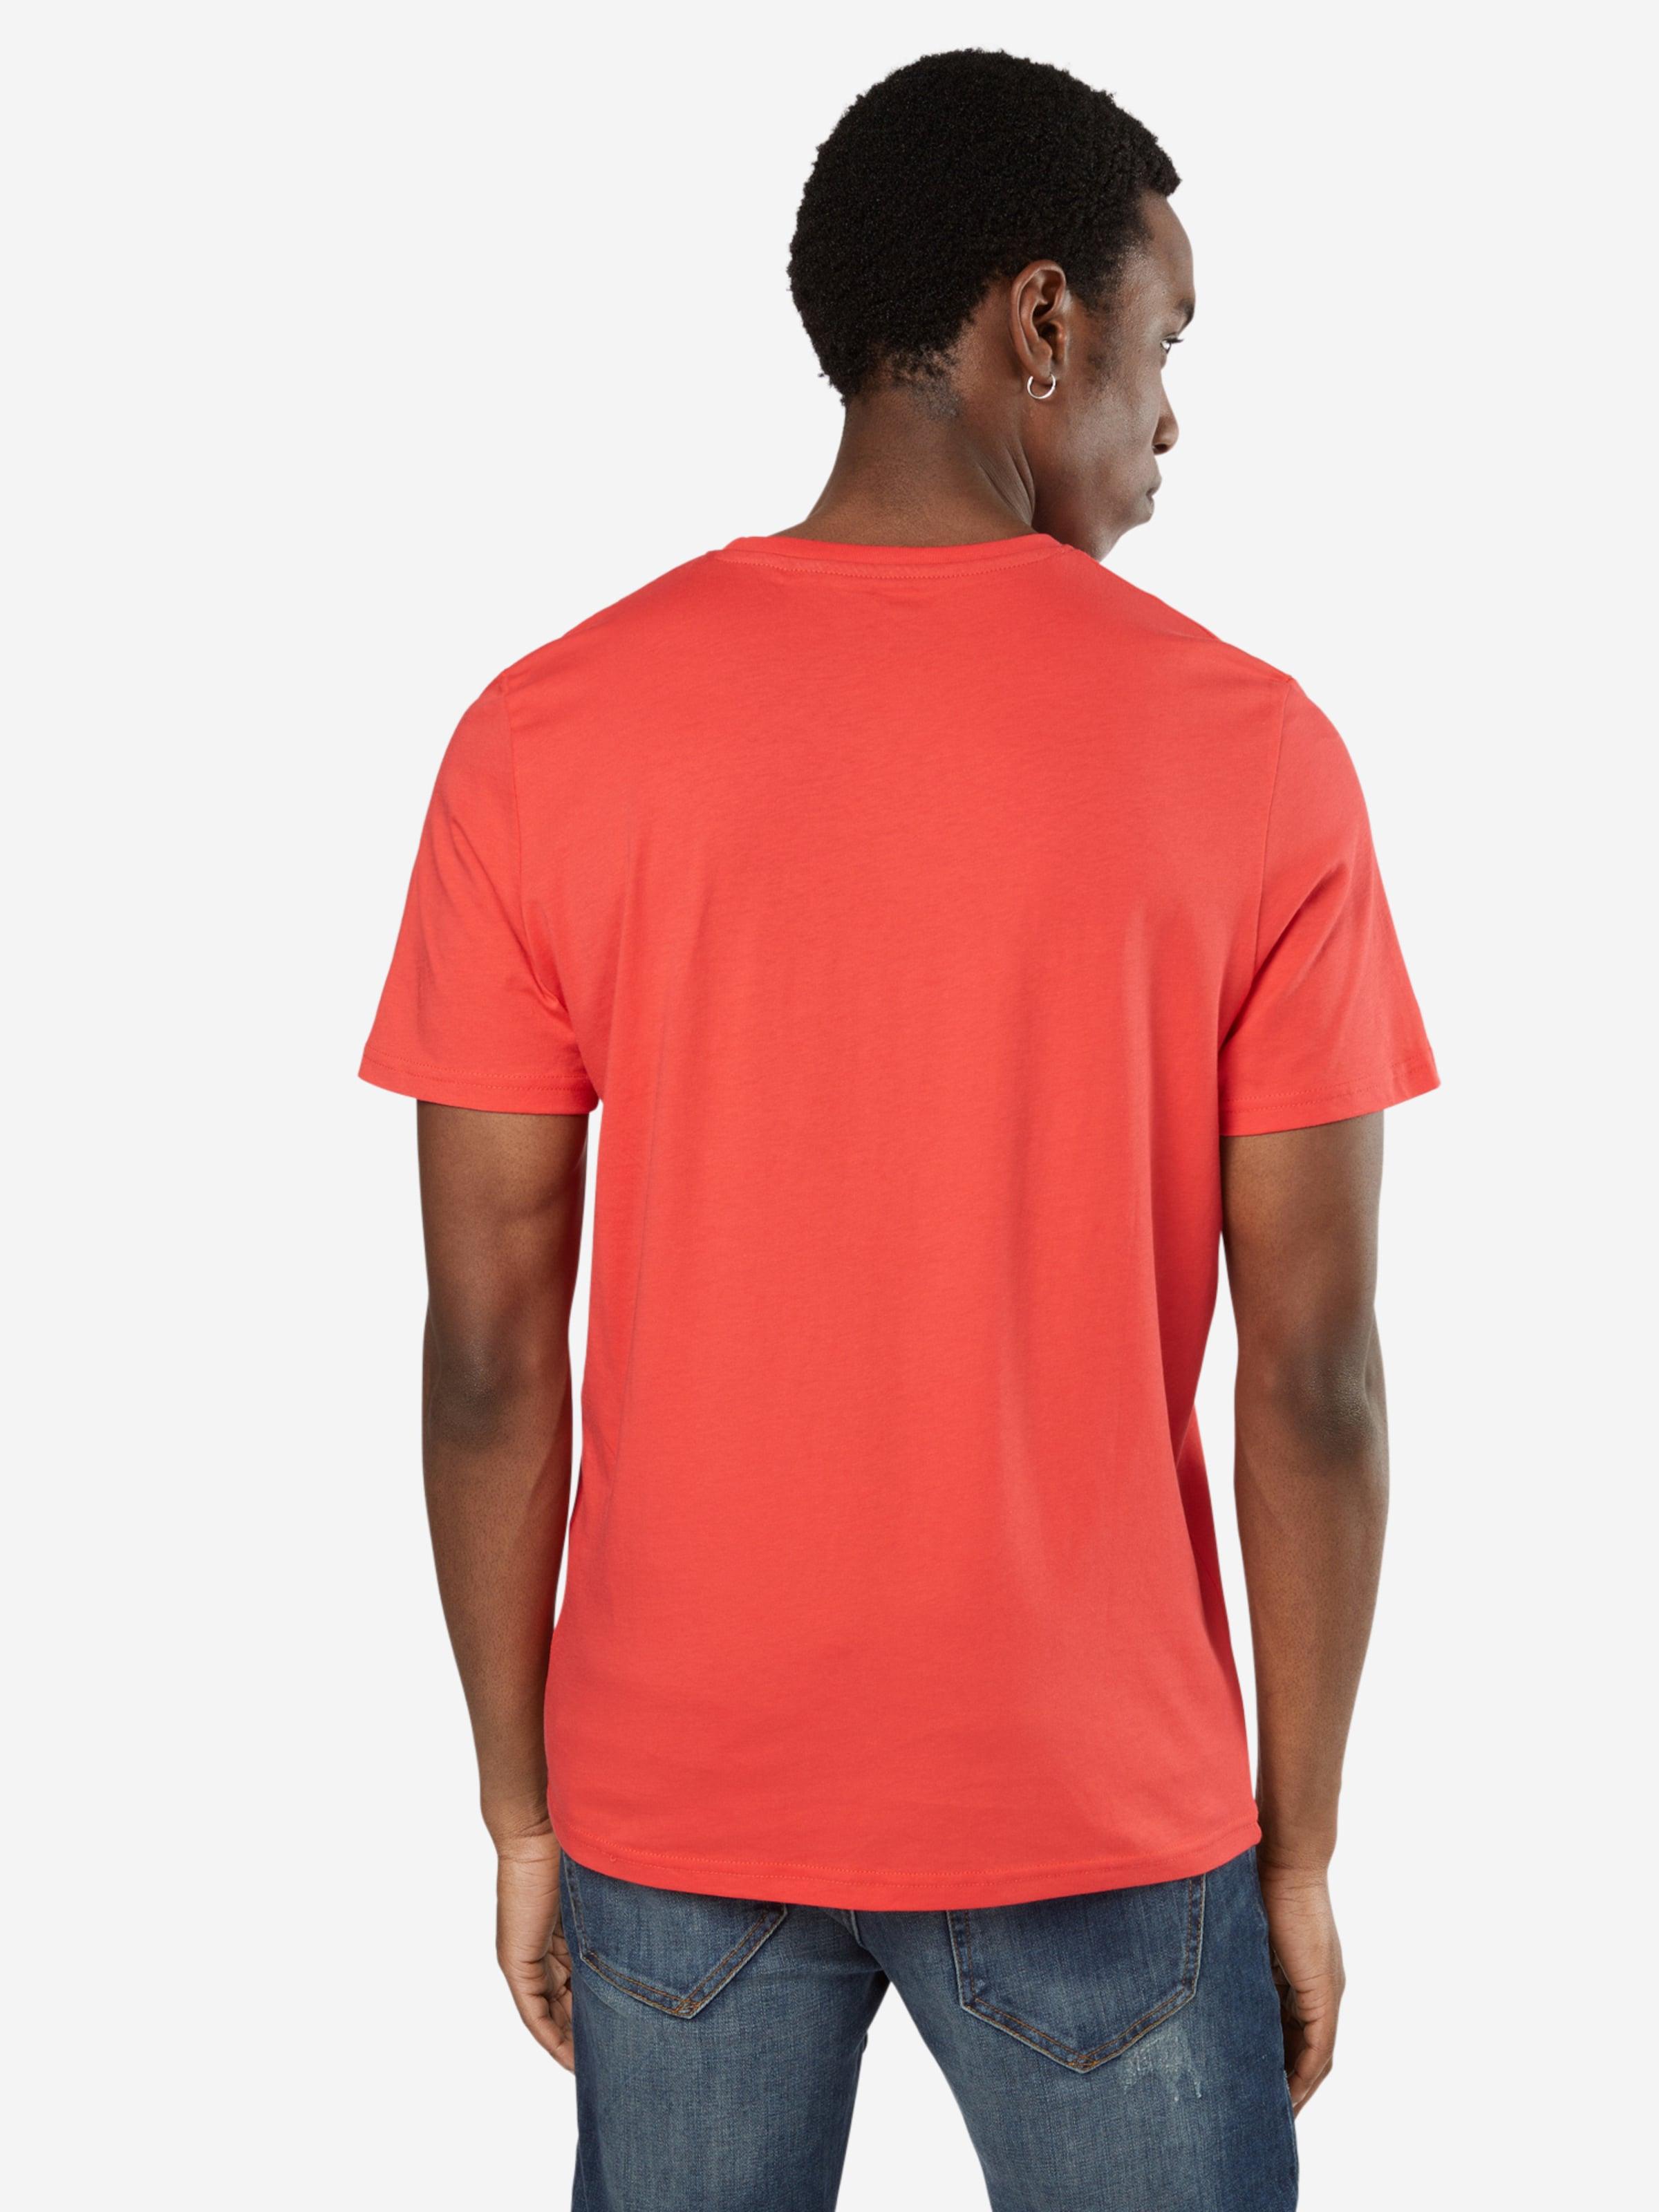 Großhandelspreis Zu Verkaufen TOM TAILOR T-Shirt Neue Stile fYwiWqex